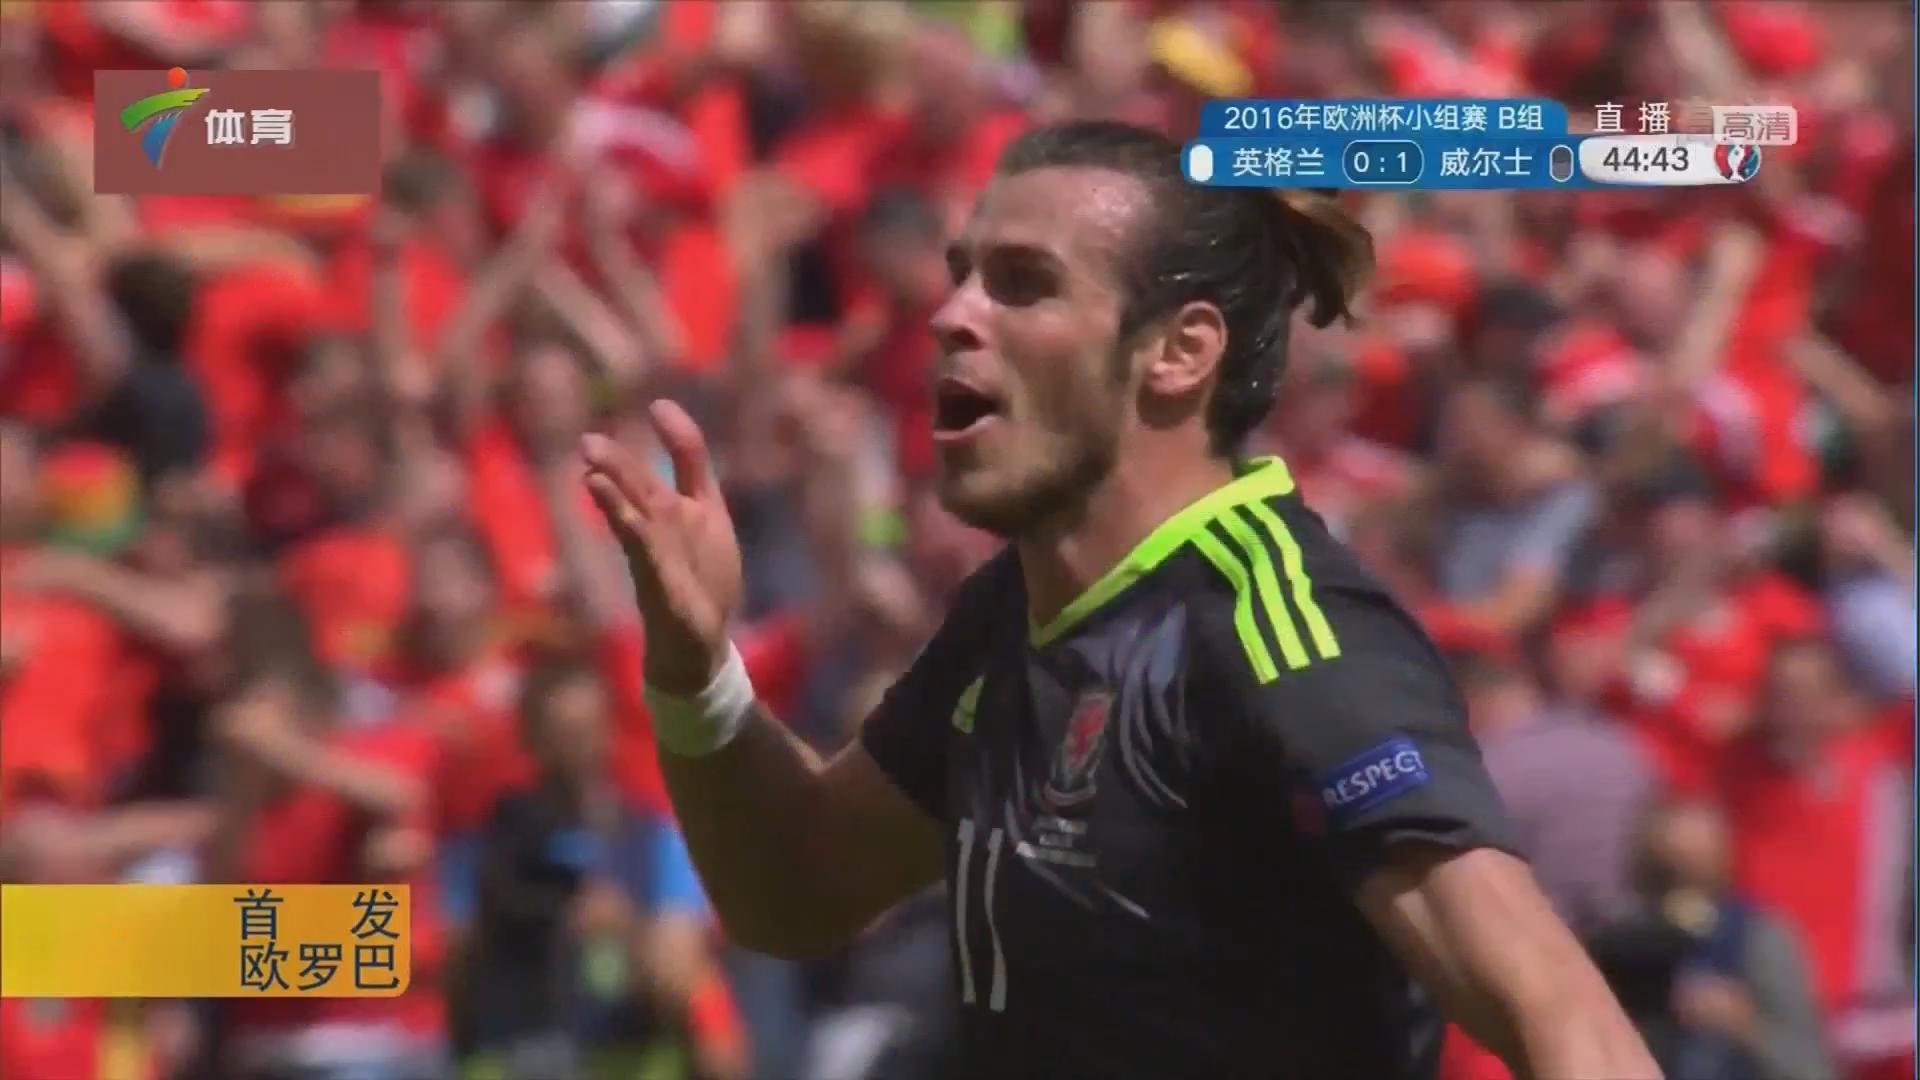 欧洲杯五佳瞬间